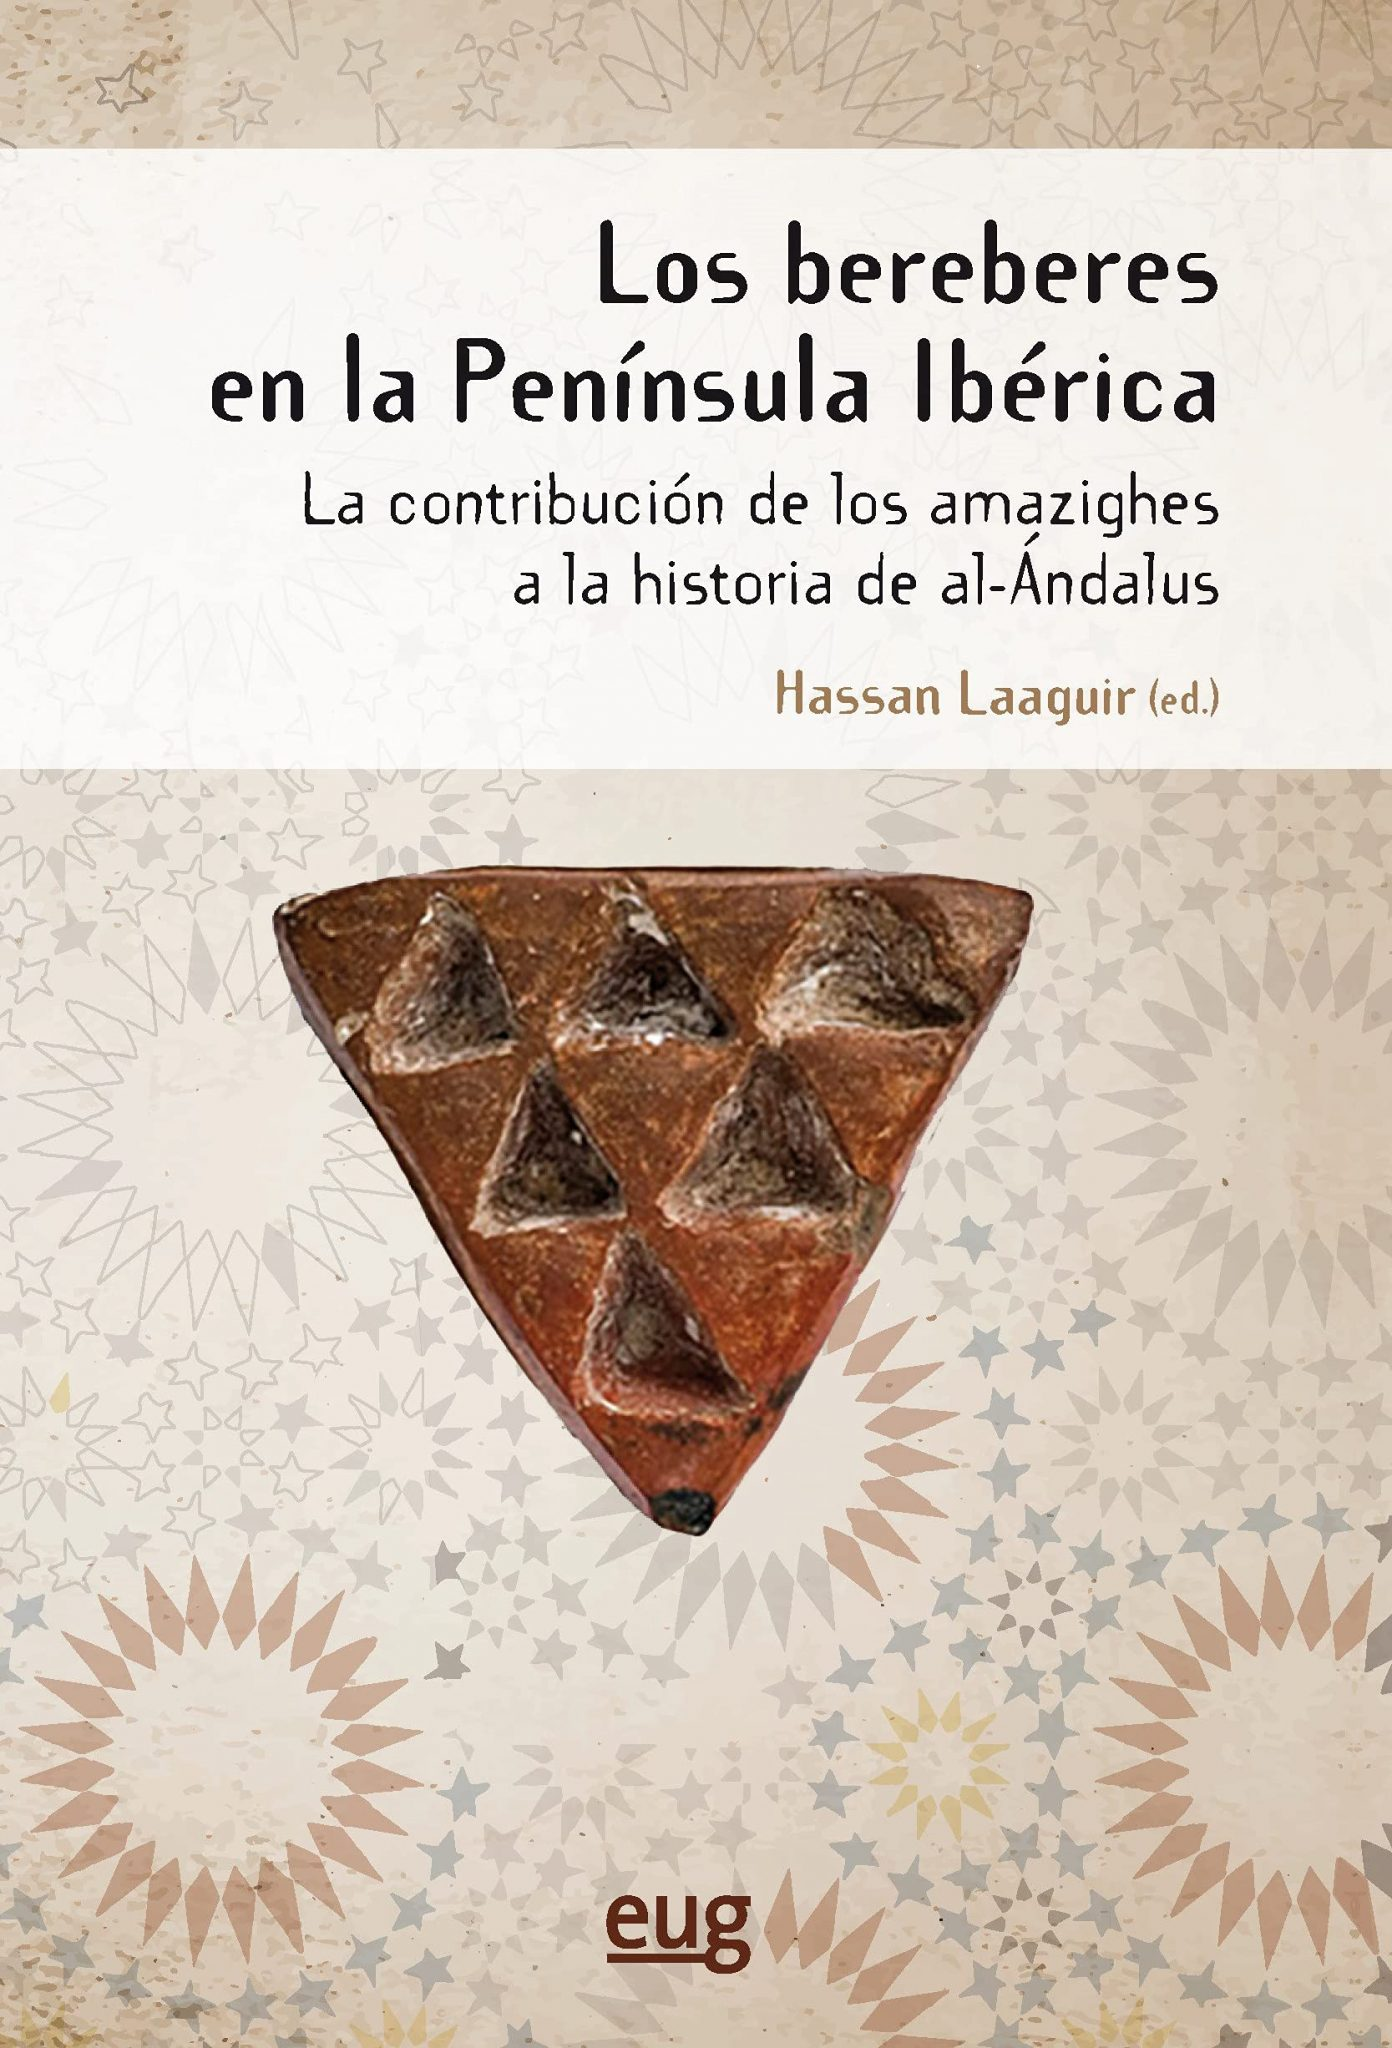 Los bereberes en la península Ibérica. Contribución de los amazighes a la historia de al-Andalus Book Cover